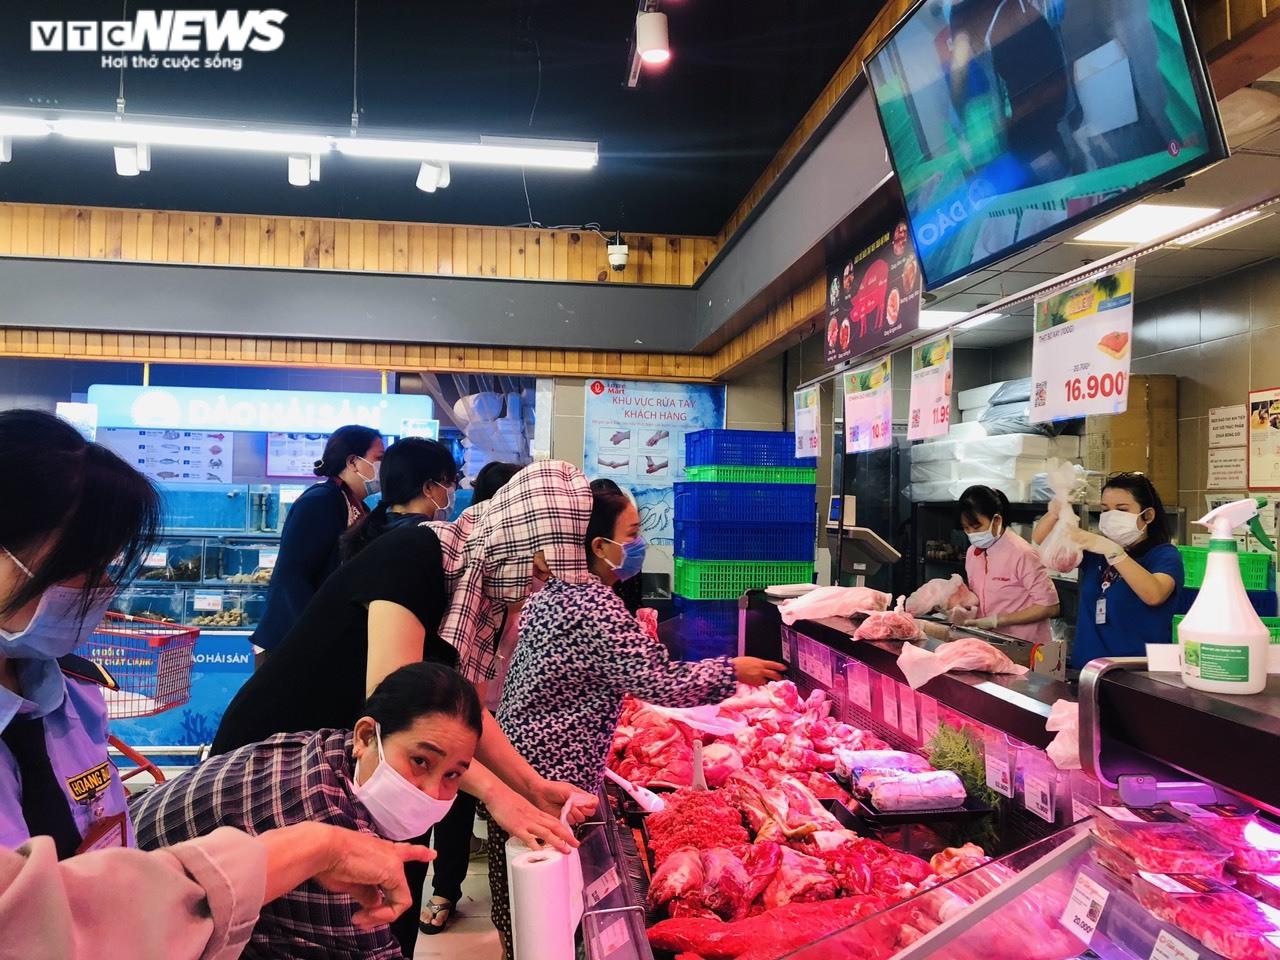 Giá thực phẩm tại các chợ truyền thống ở TP.HCM tăng mạnh - 3